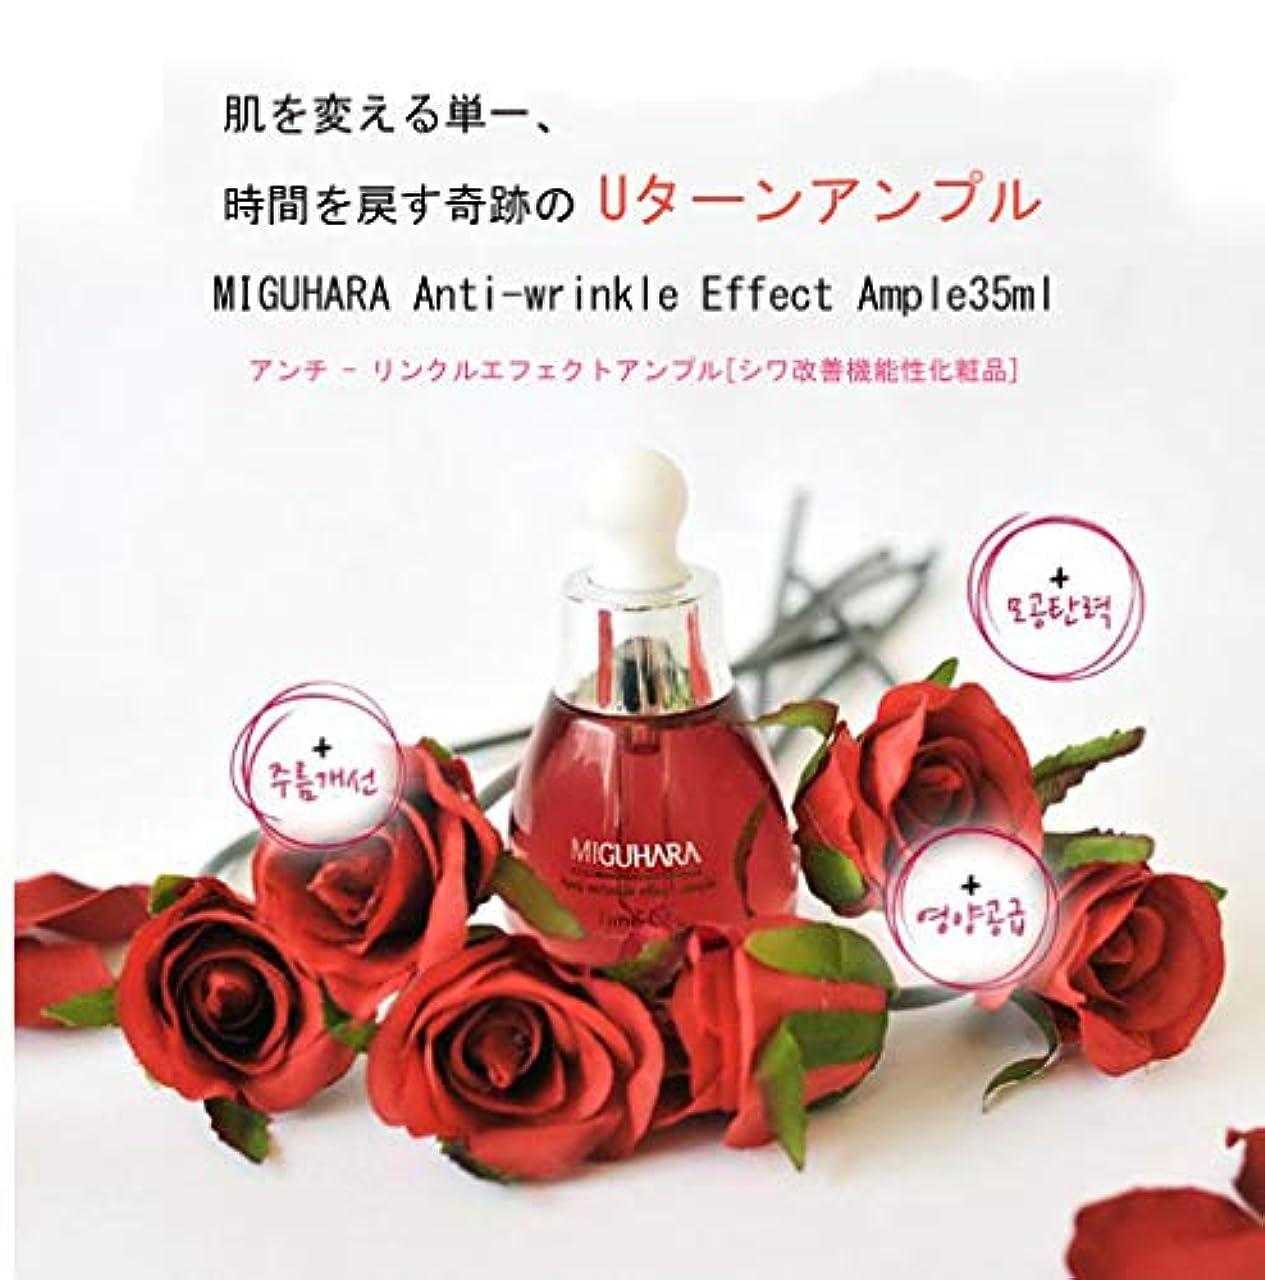 自分を引き上げる支配する手当MIGUHARA ミグハラ アンチ - リンクル エフェクト アンプル ANTI-WRINKLE EFFECT AMPLE 35ml/アンチ-リンクルエフェクトアンプル 35ml